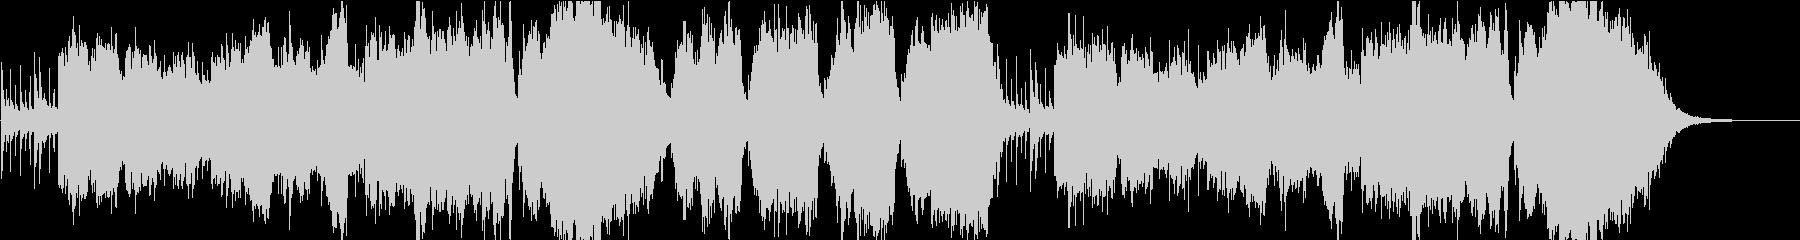 尺八が奏でる感動的なバラード・ショート版の未再生の波形